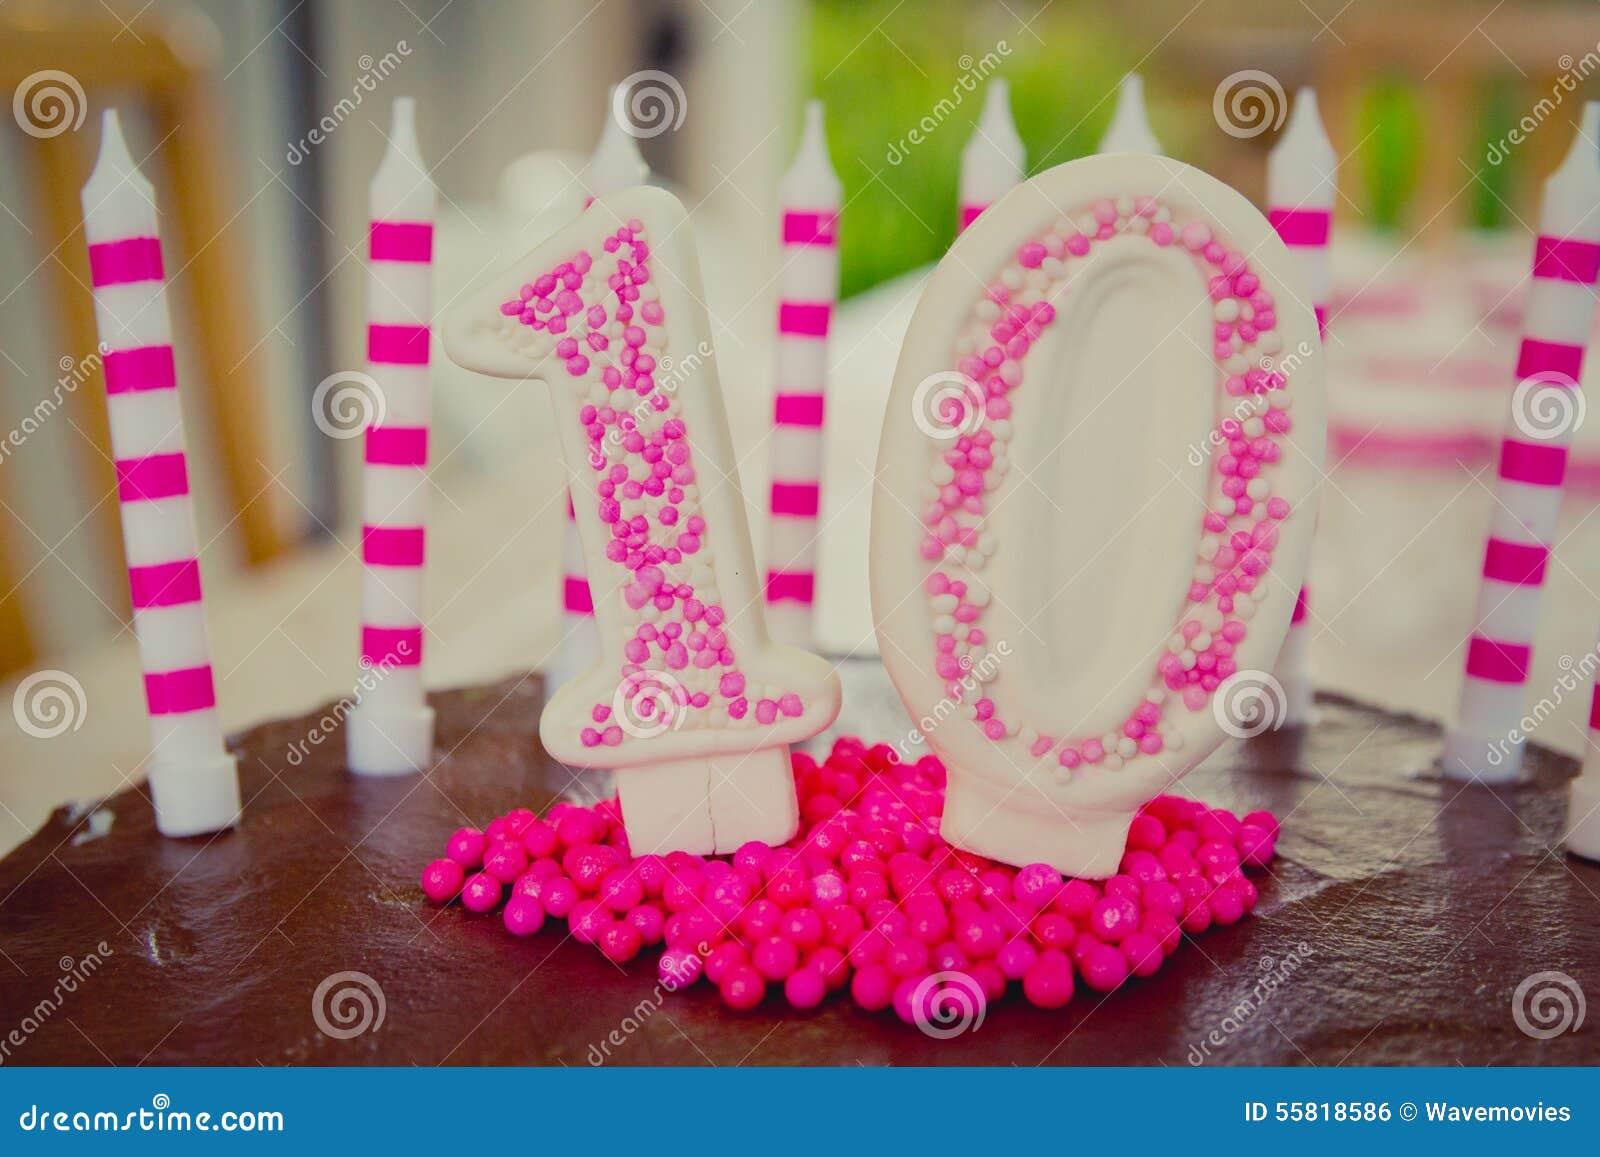 Compleanno o anniversario della torta di compleanno decimo - Colorazione pagina della torta di compleanno ...